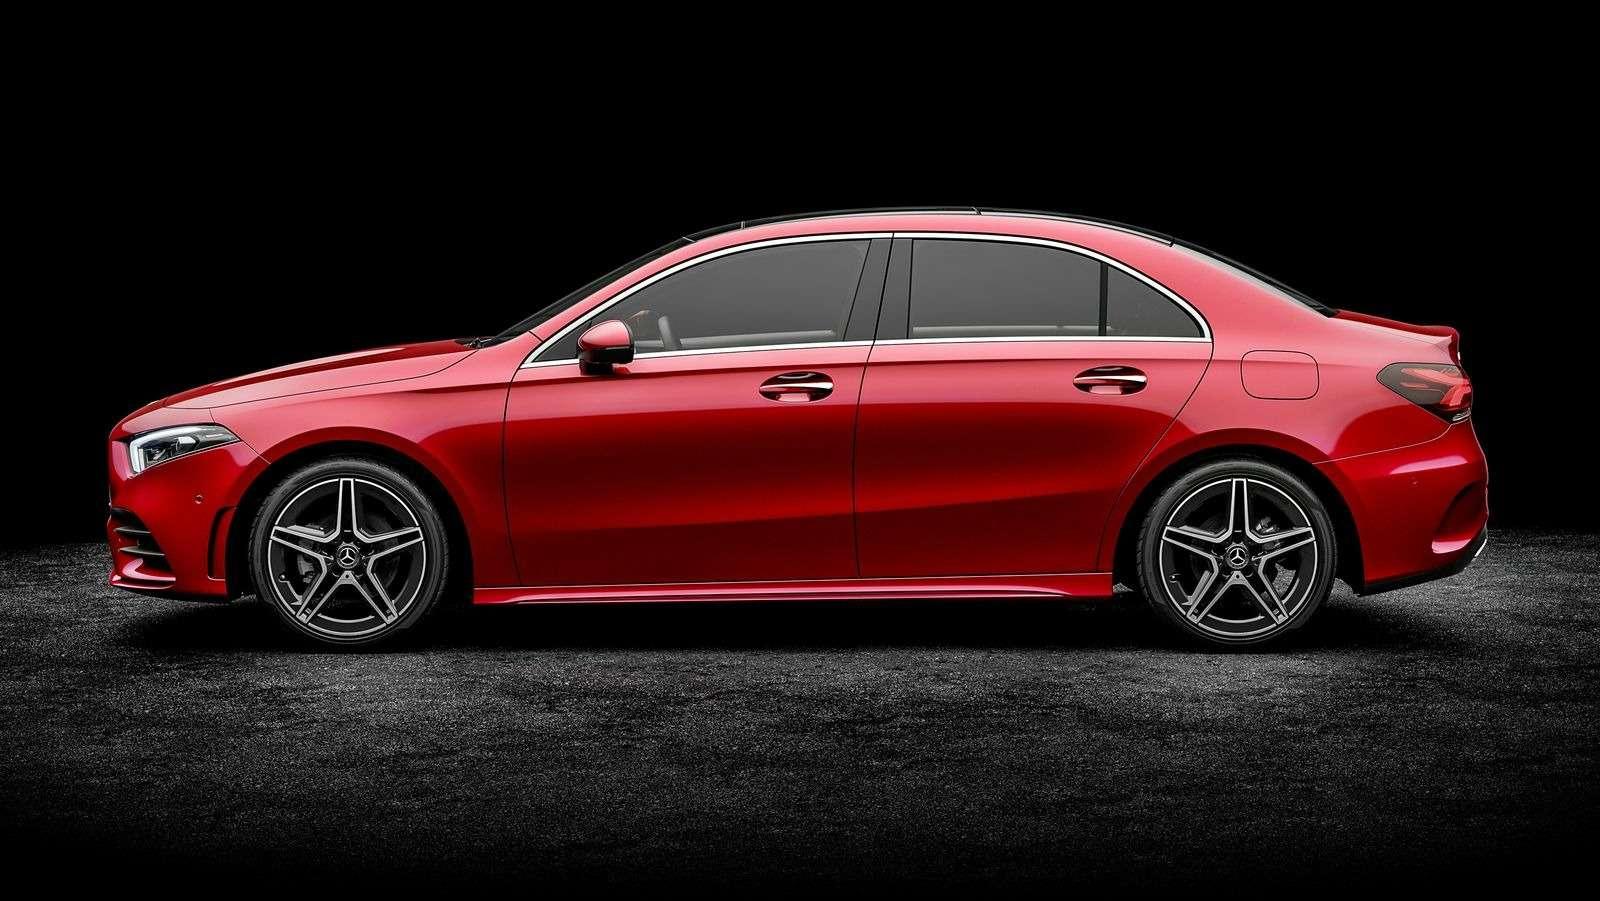 Mercedes-Benz A-класса растянули доразмеров Камри!— фото 865715